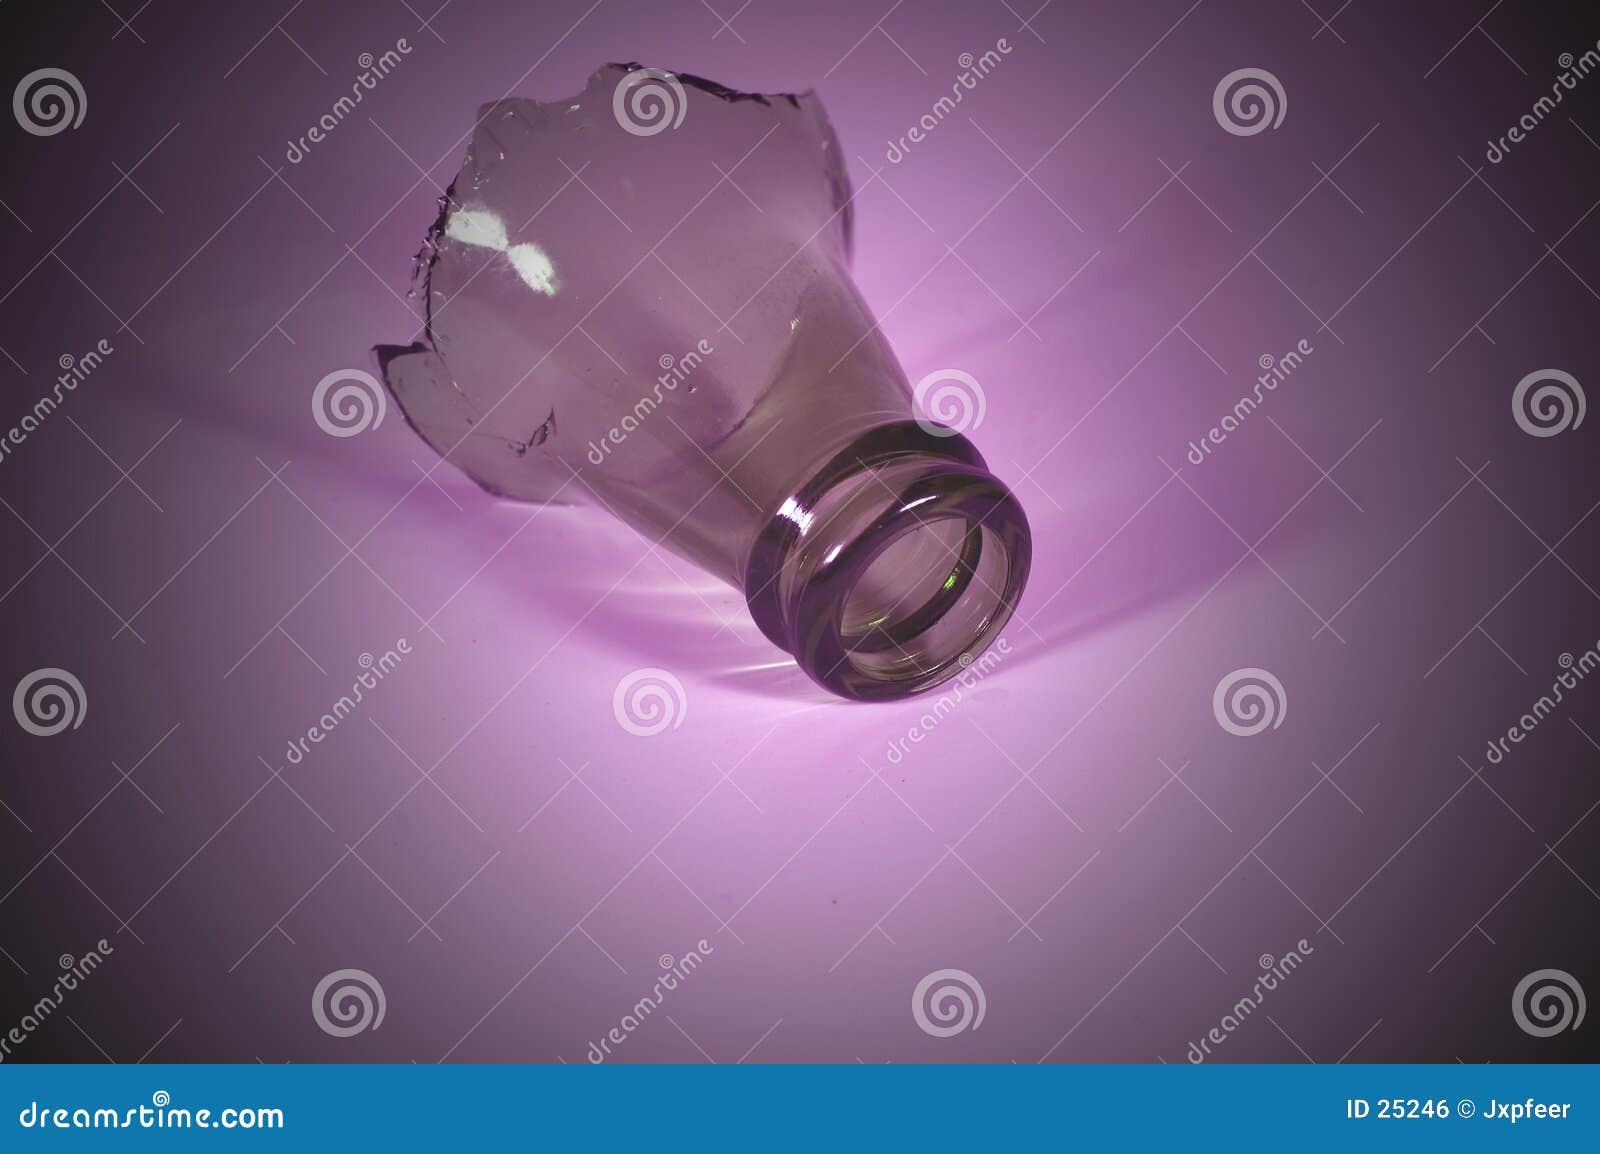 Dessus de bouteille - pourpre